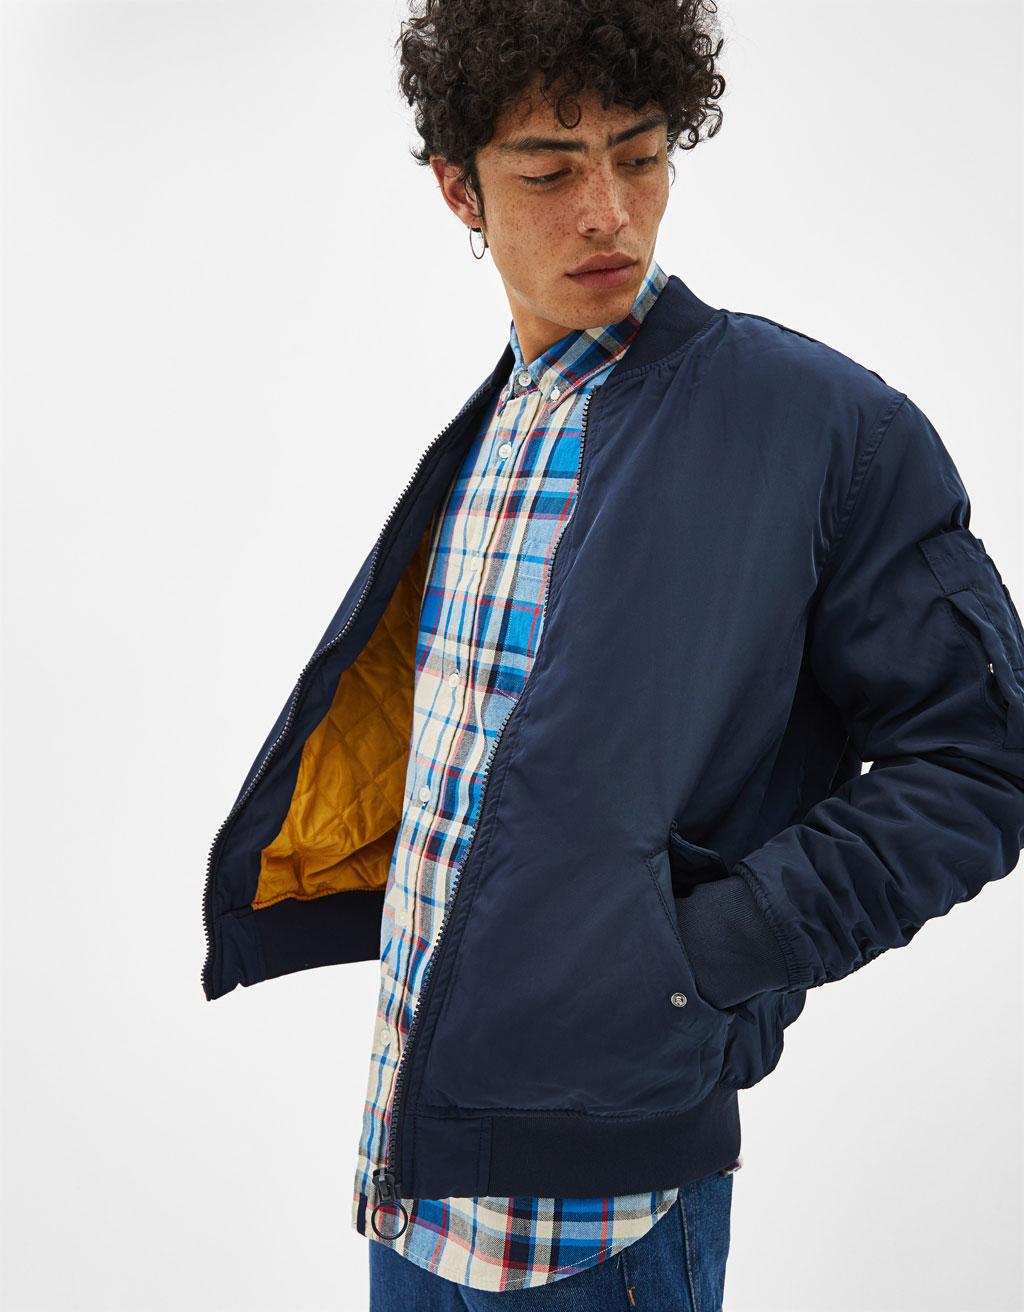 셔링 슬리브 봄버 재킷